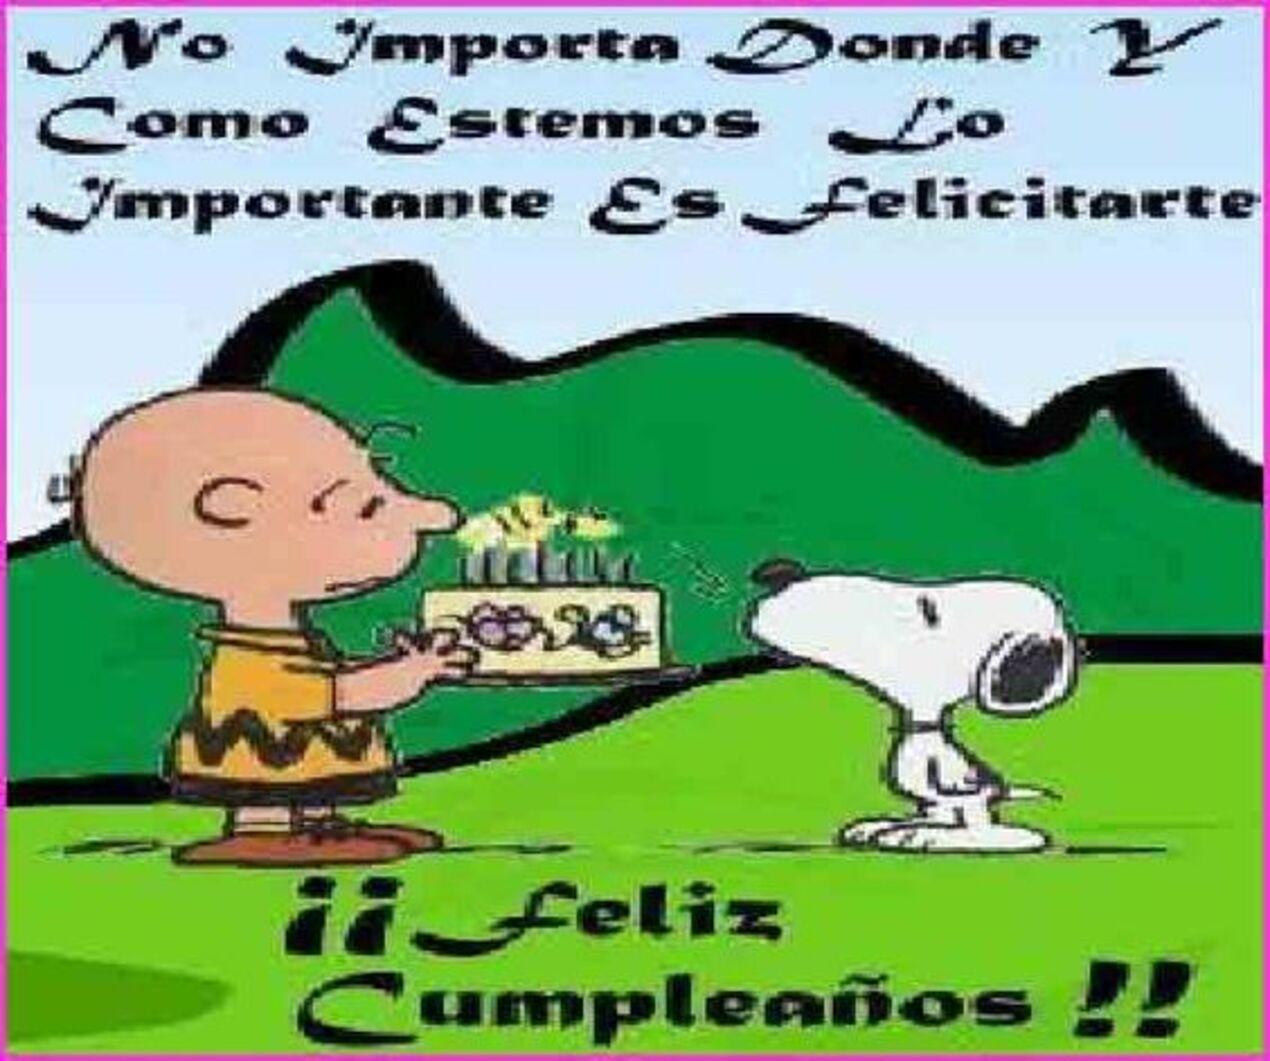 No importa dónde y cómo estamos lo importante es felicitarte!! Feliz cumpleaños